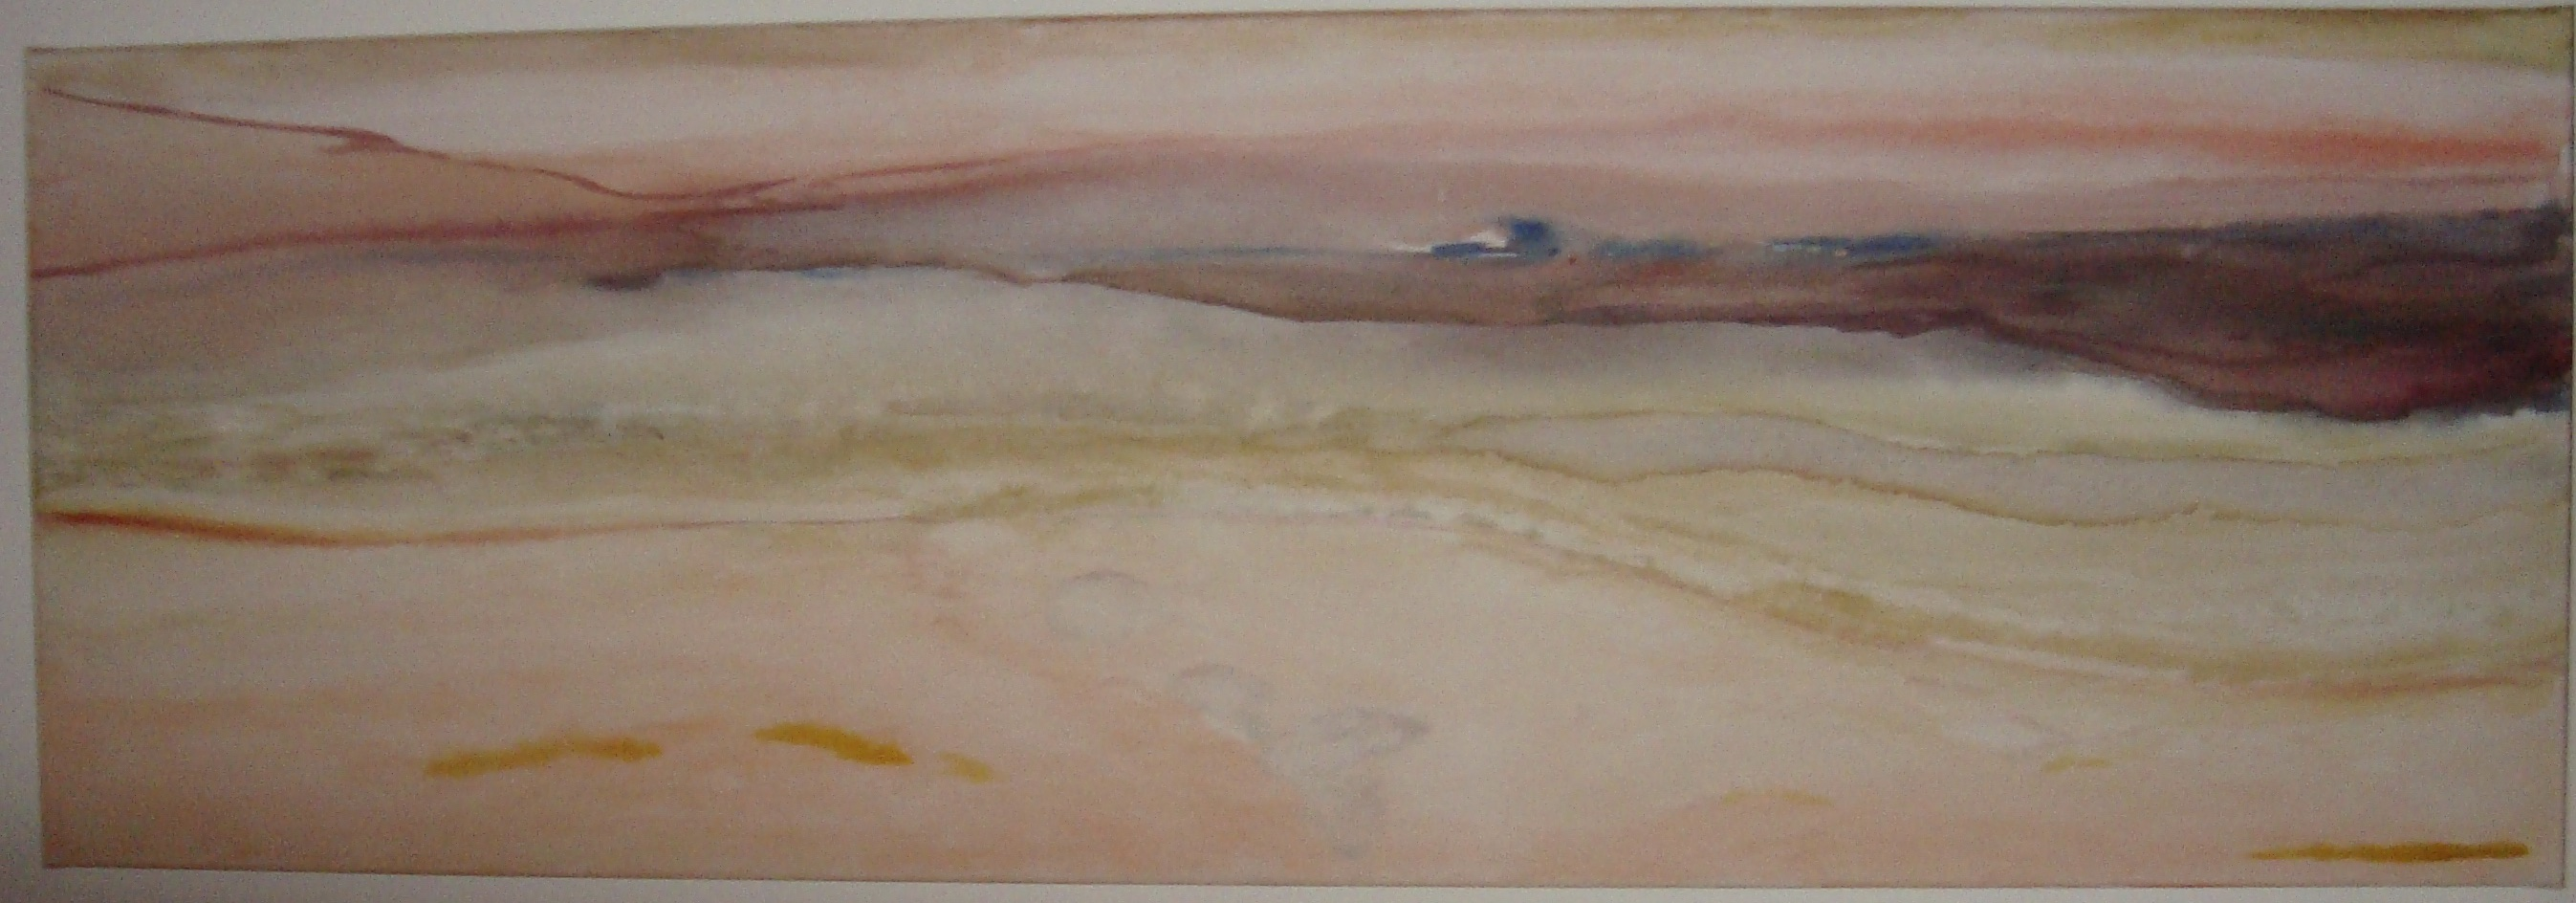 Blick über den Strand zum abendlichen Meer - Aquarell auf Leinwand 40 cm x 120 cm